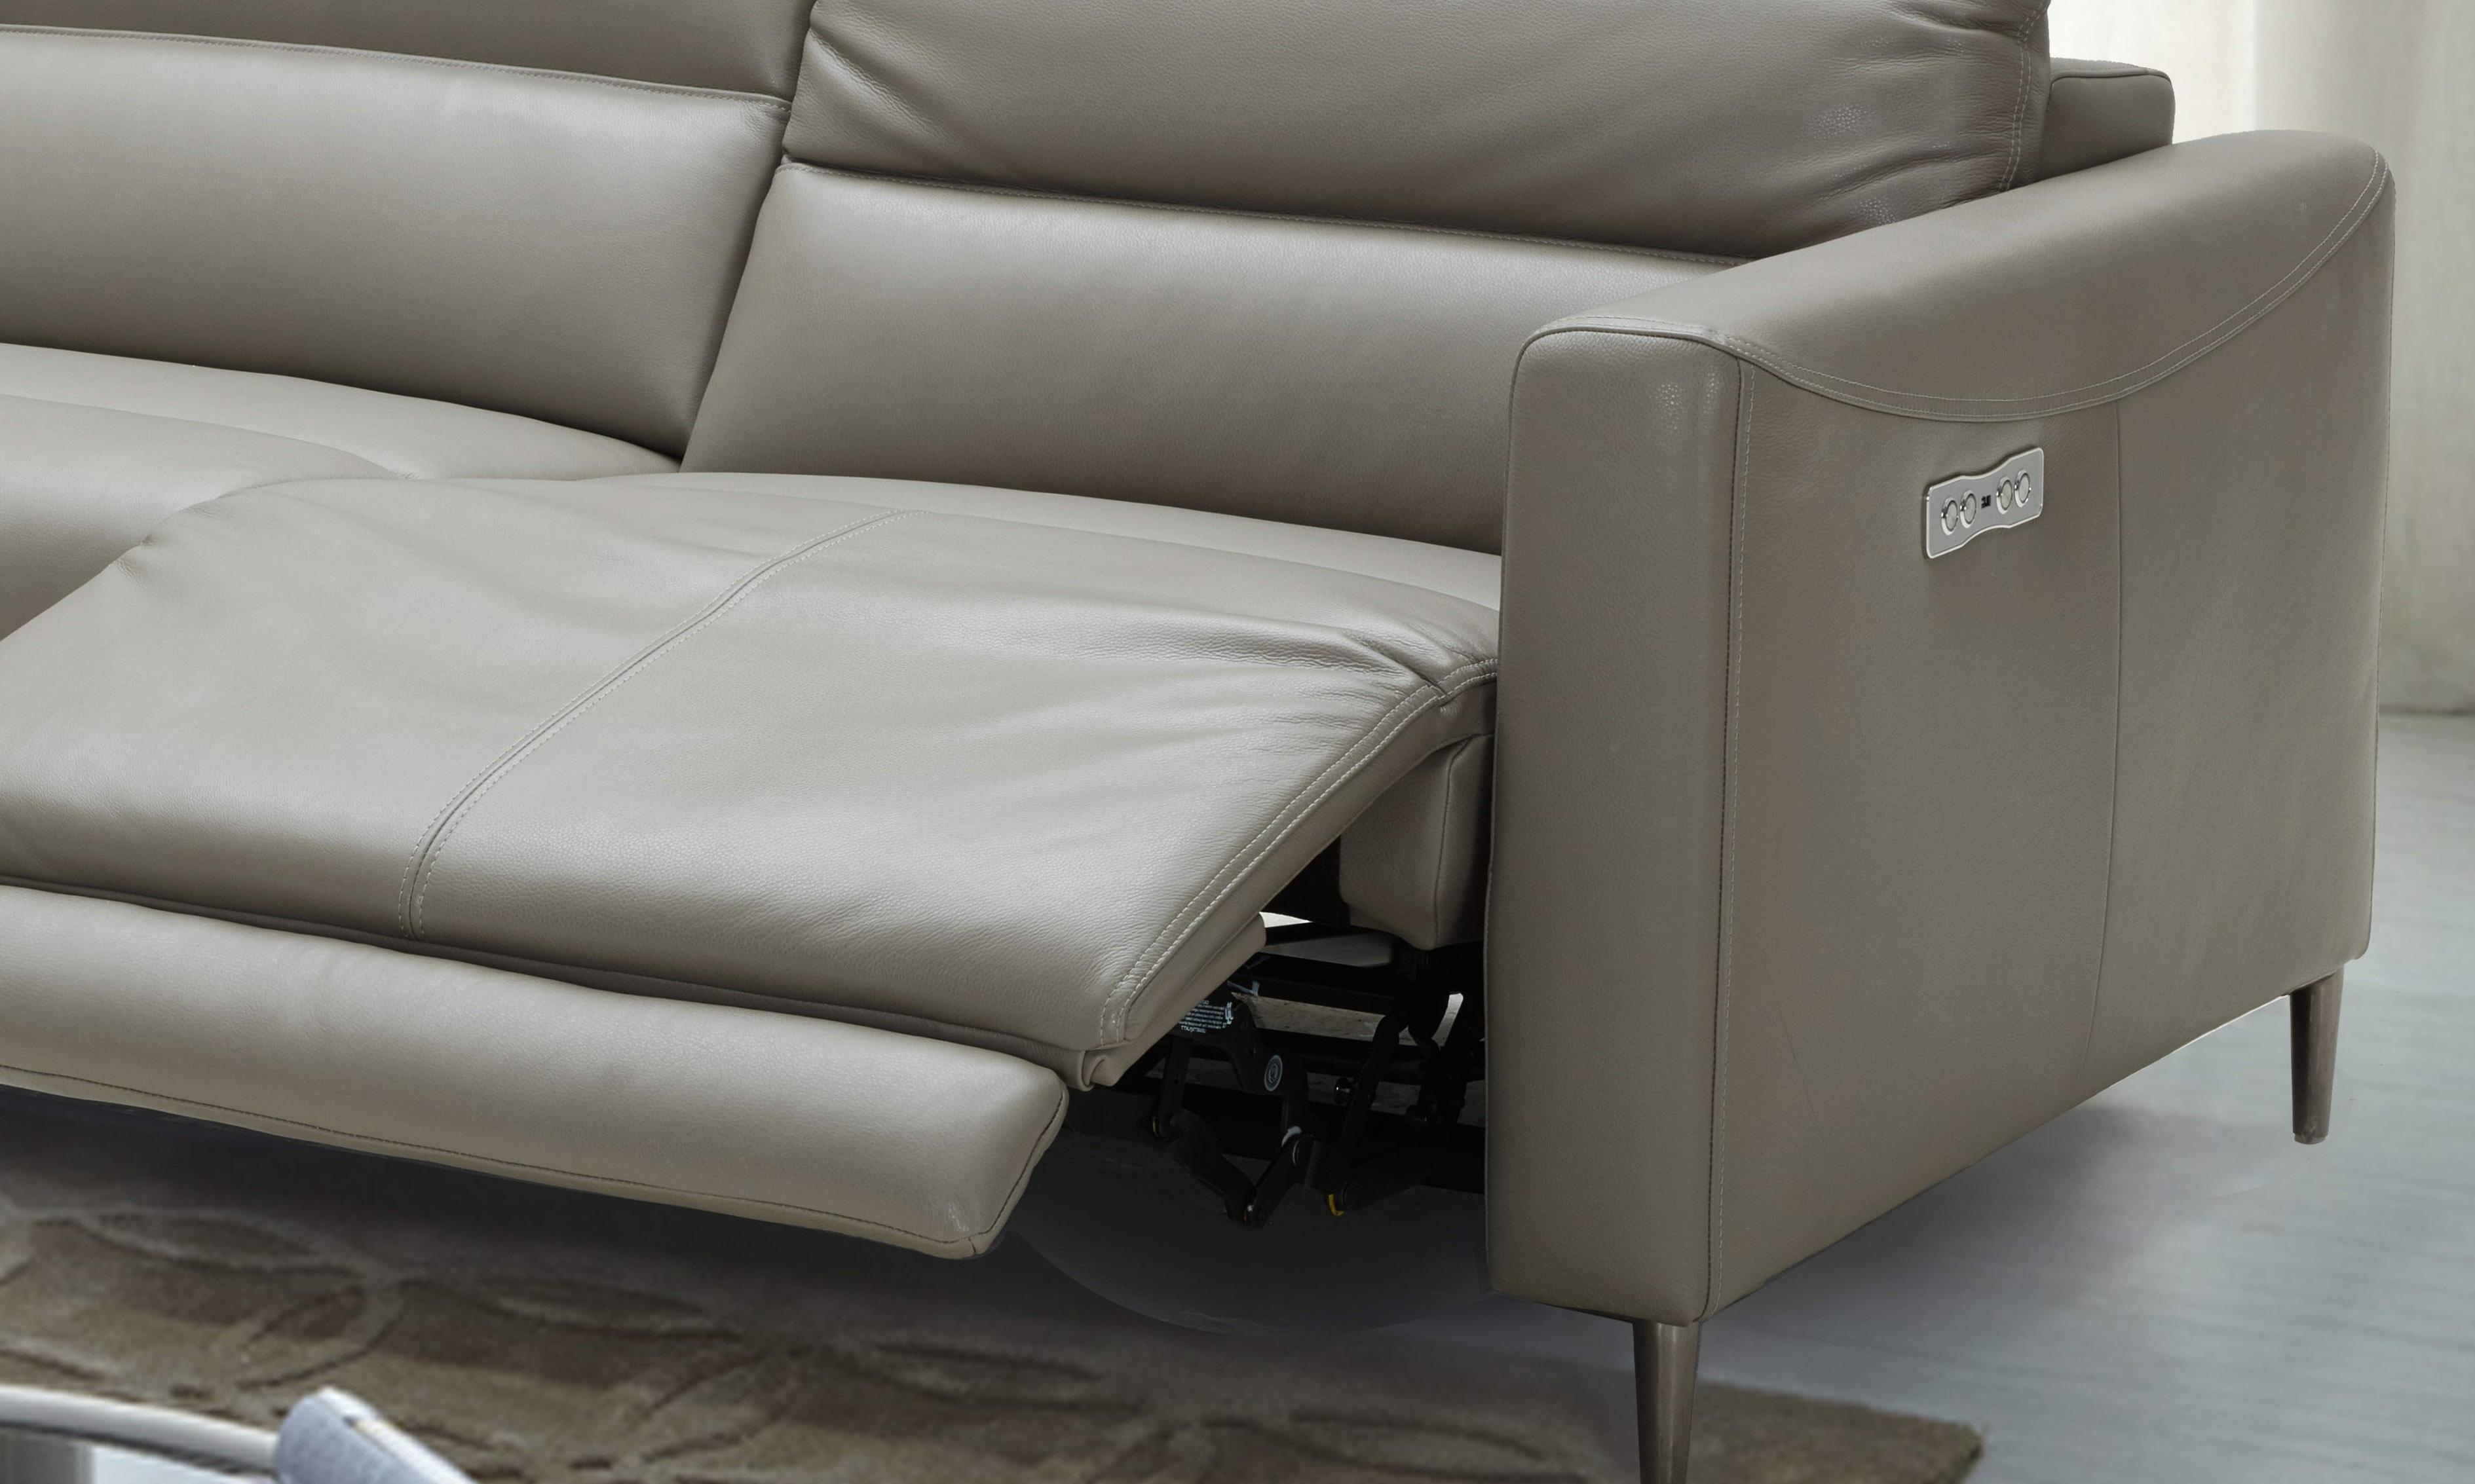 Stupendous Exclusive Italian Leather Living Room Furniture Inzonedesignstudio Interior Chair Design Inzonedesignstudiocom